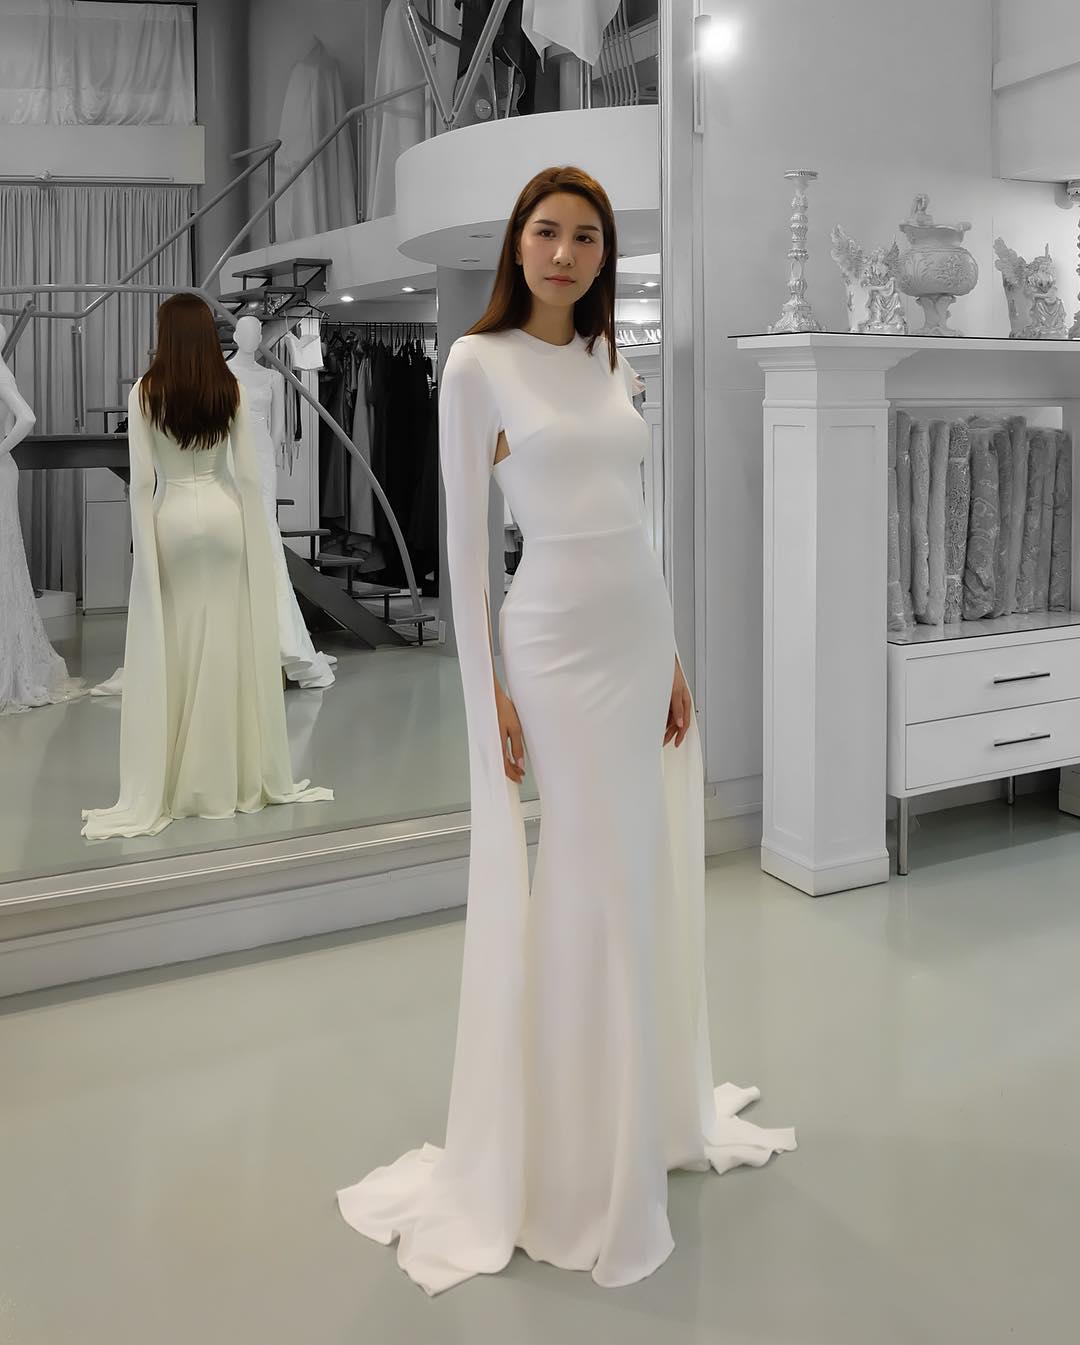 Designer Evening Dresses Sale On White: Elegant White Mermaid Prom Dress Floating Long Sleeves